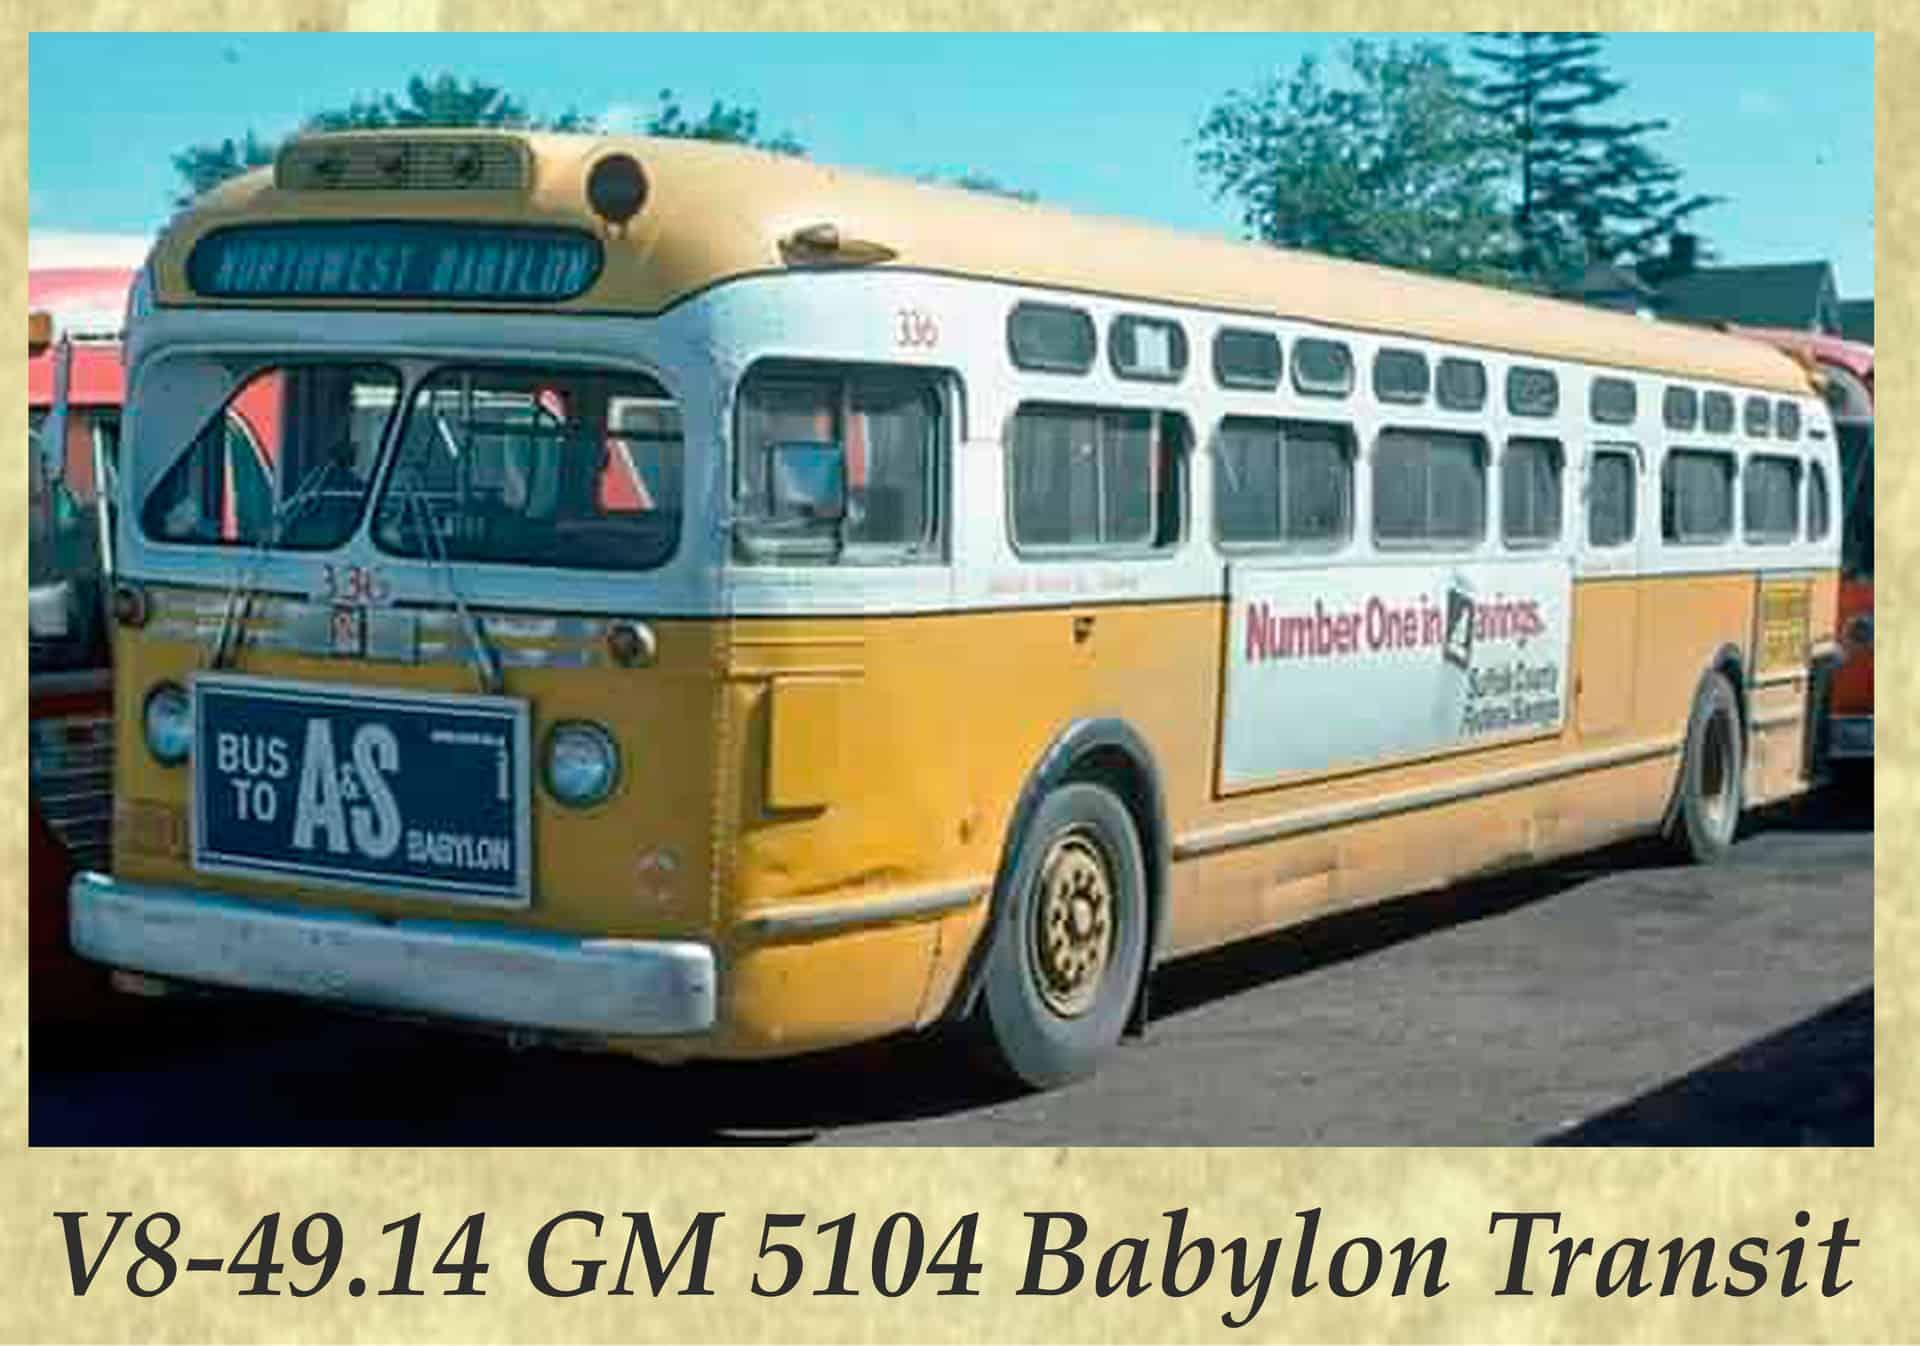 V8-49.14 GM 5104 Babylon Transit